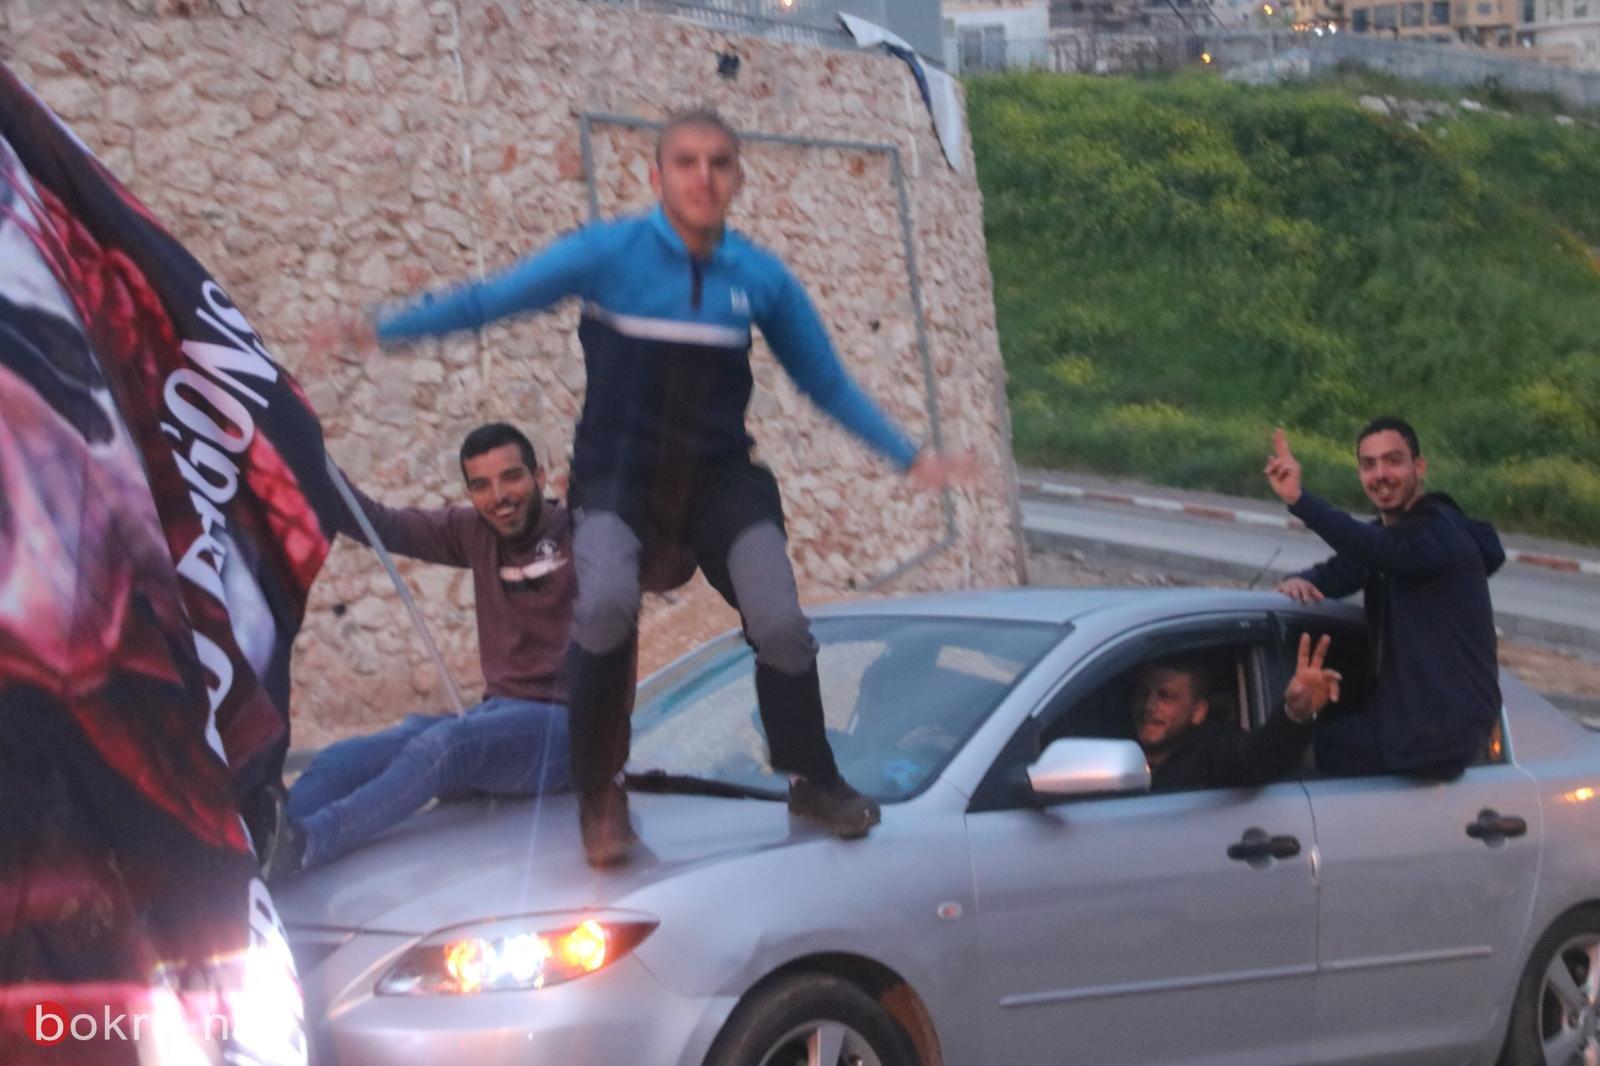 صور وفيديو: احتفالات تعمّ ام الفحم بعد صعود هبوعيل للممتازة